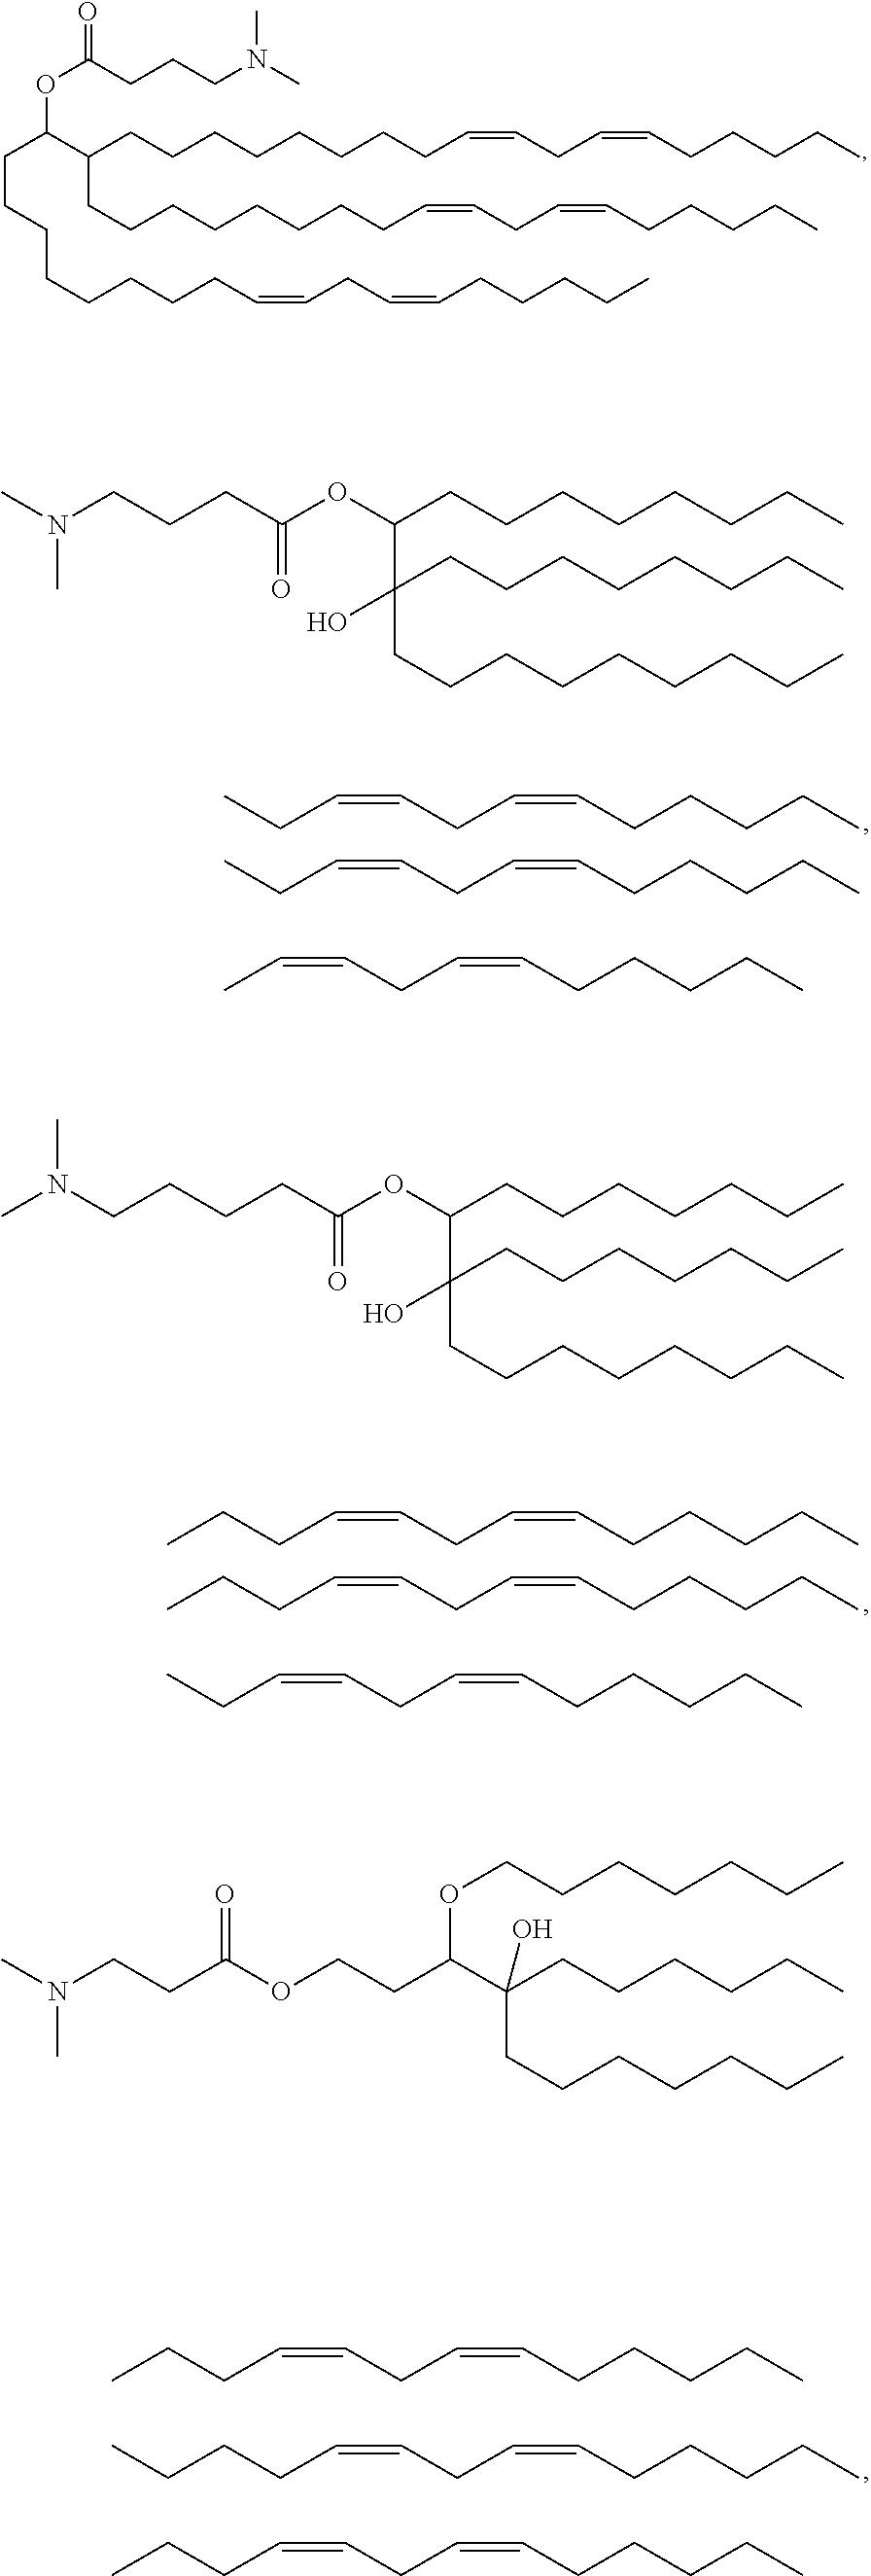 Figure US08466122-20130618-C00077